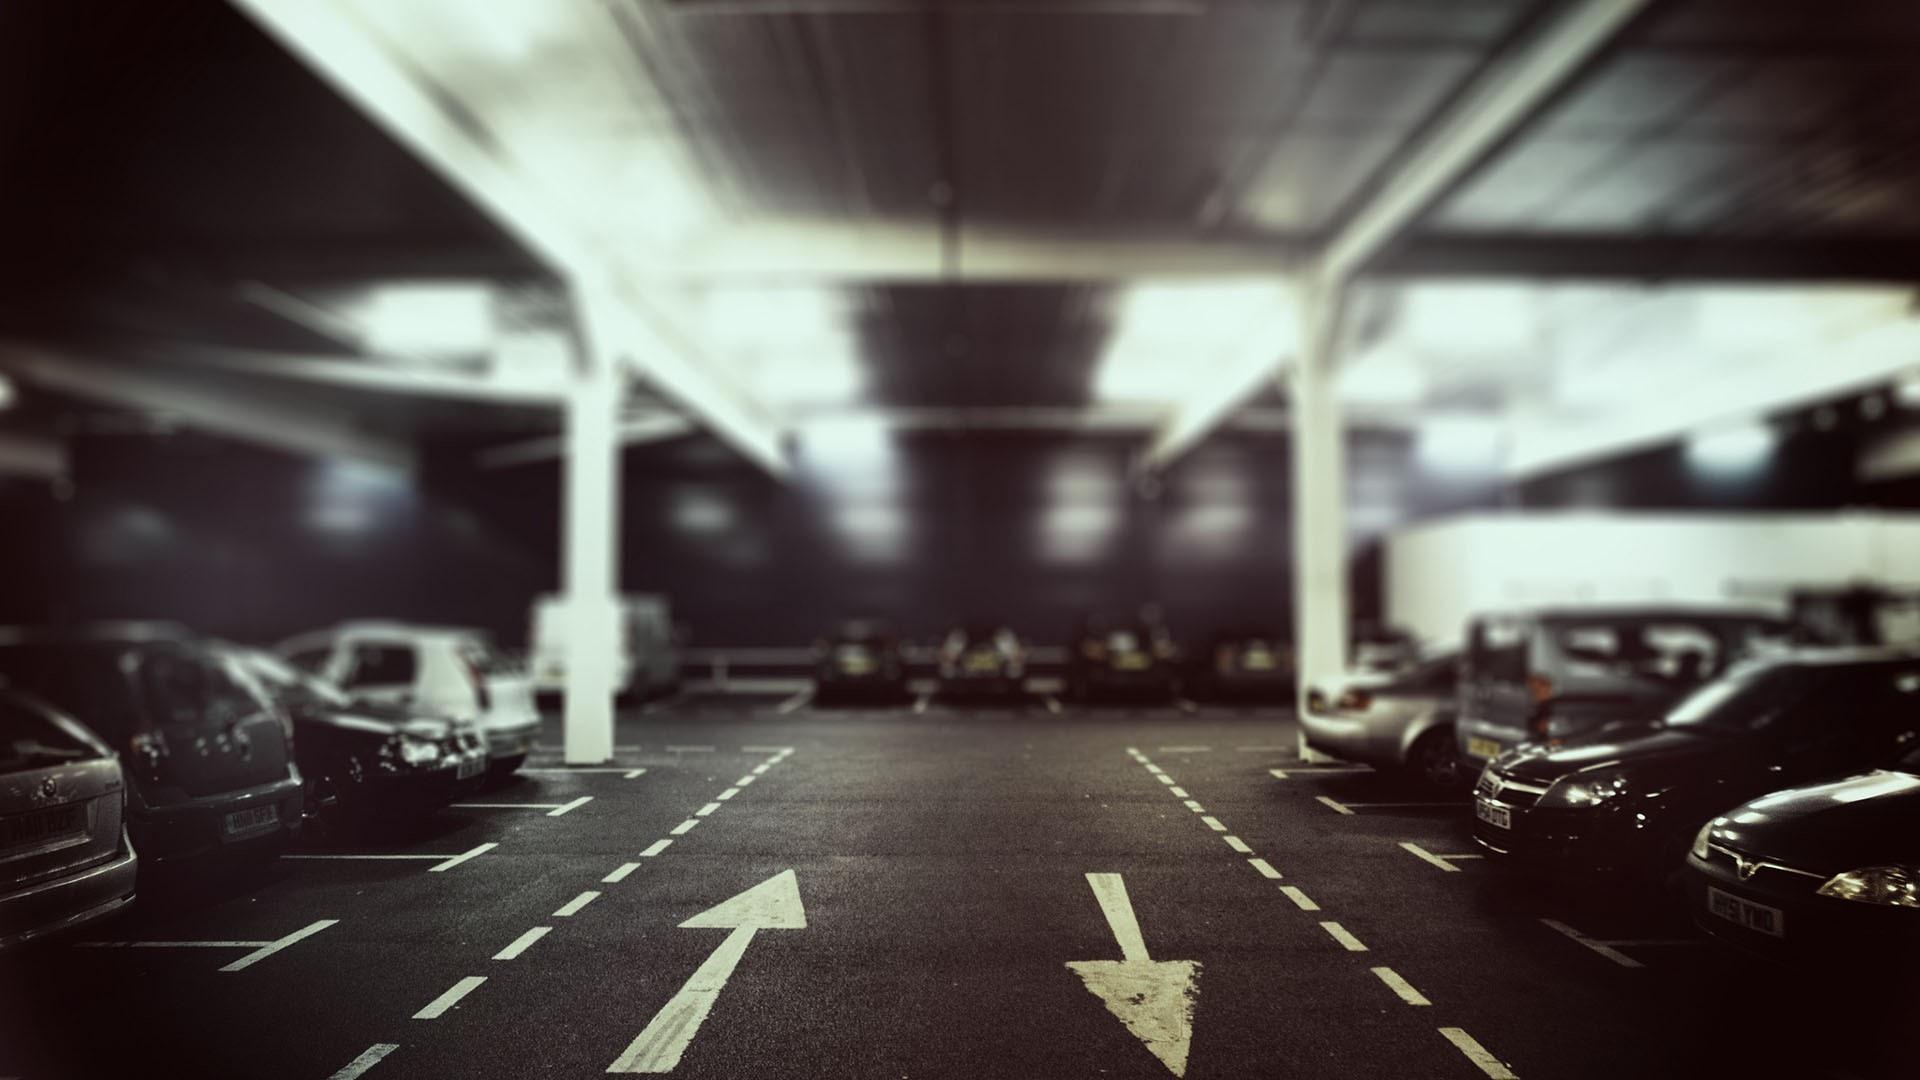 Pourquoi choisir une location parking lyon?